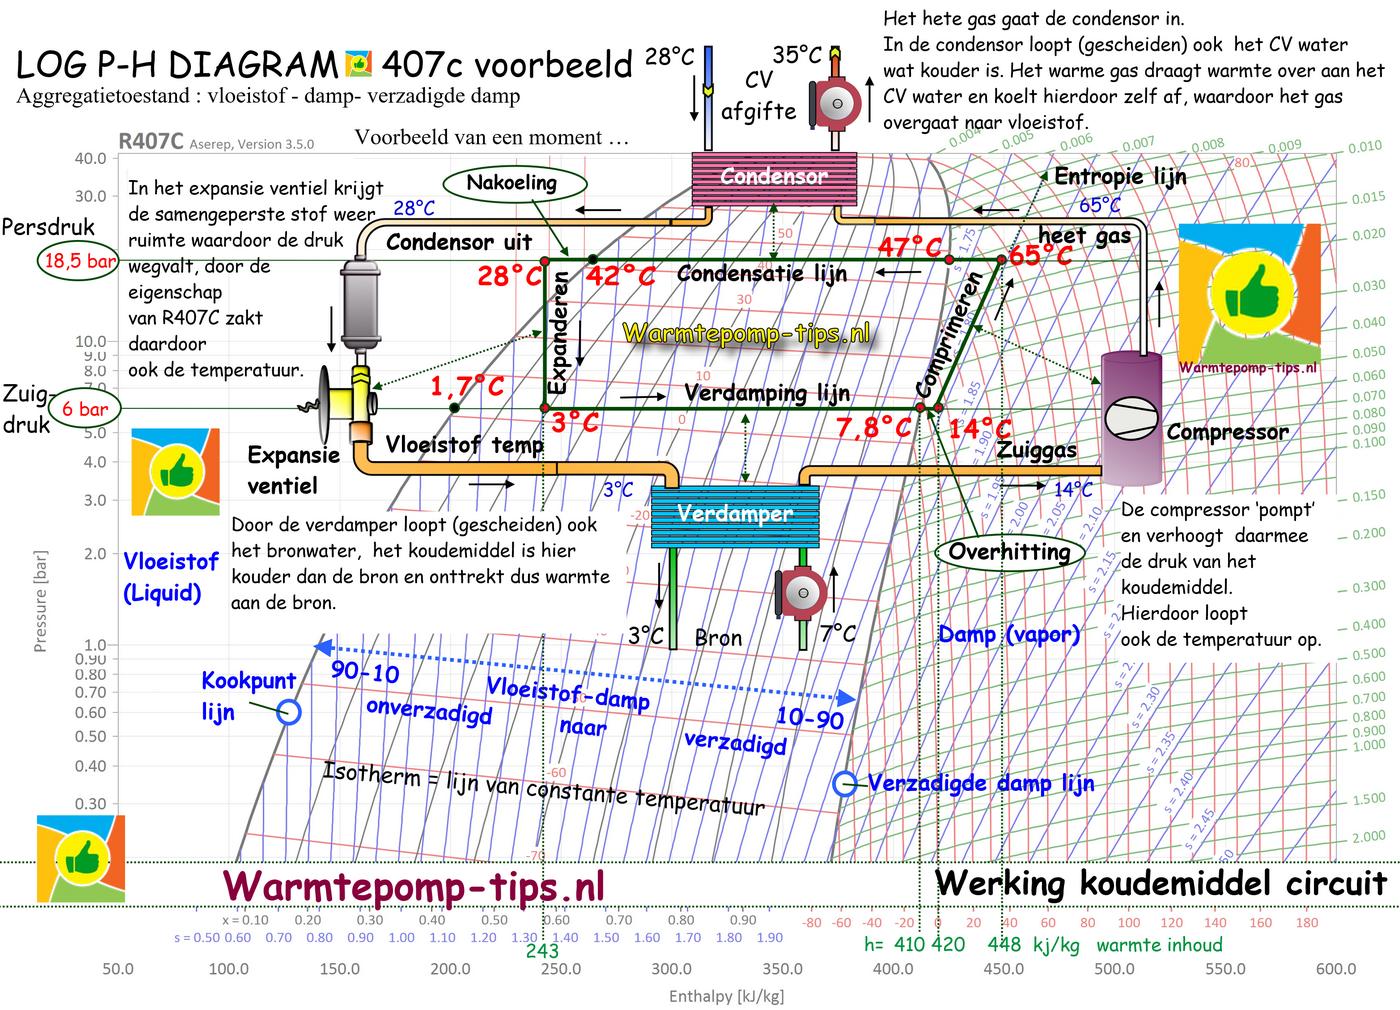 Werking koudemiddel circuit molier log ph warmtepomp 407 c voorbeeld 2021